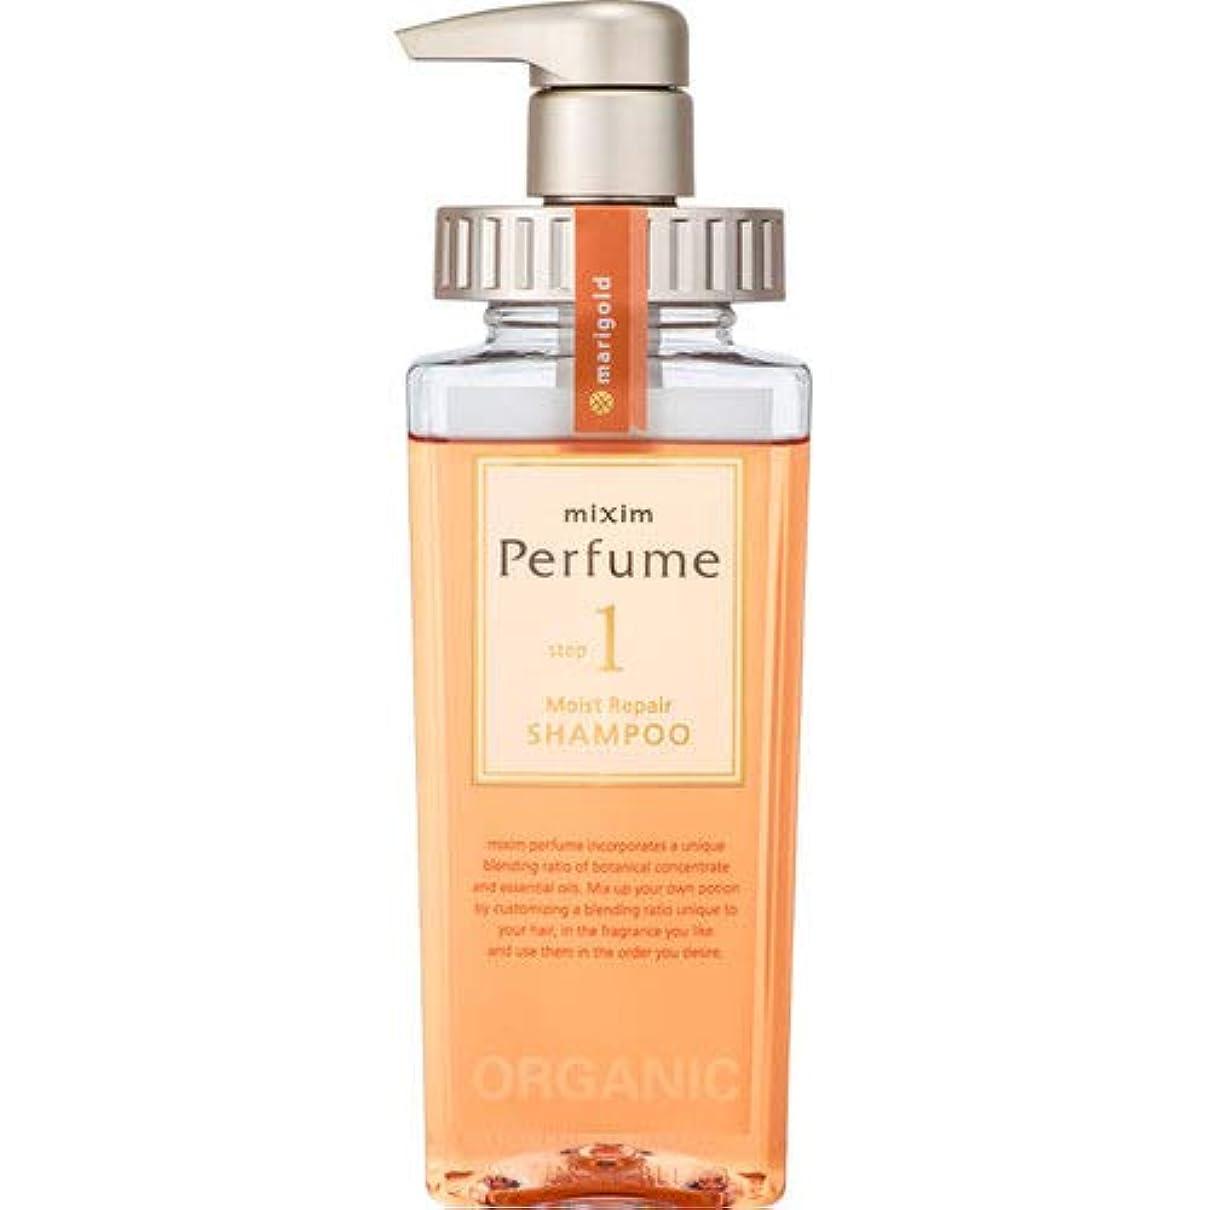 押す悲惨雹mixim Perfume(ミクシムパフューム) モイストリペア シャンプー 440mL